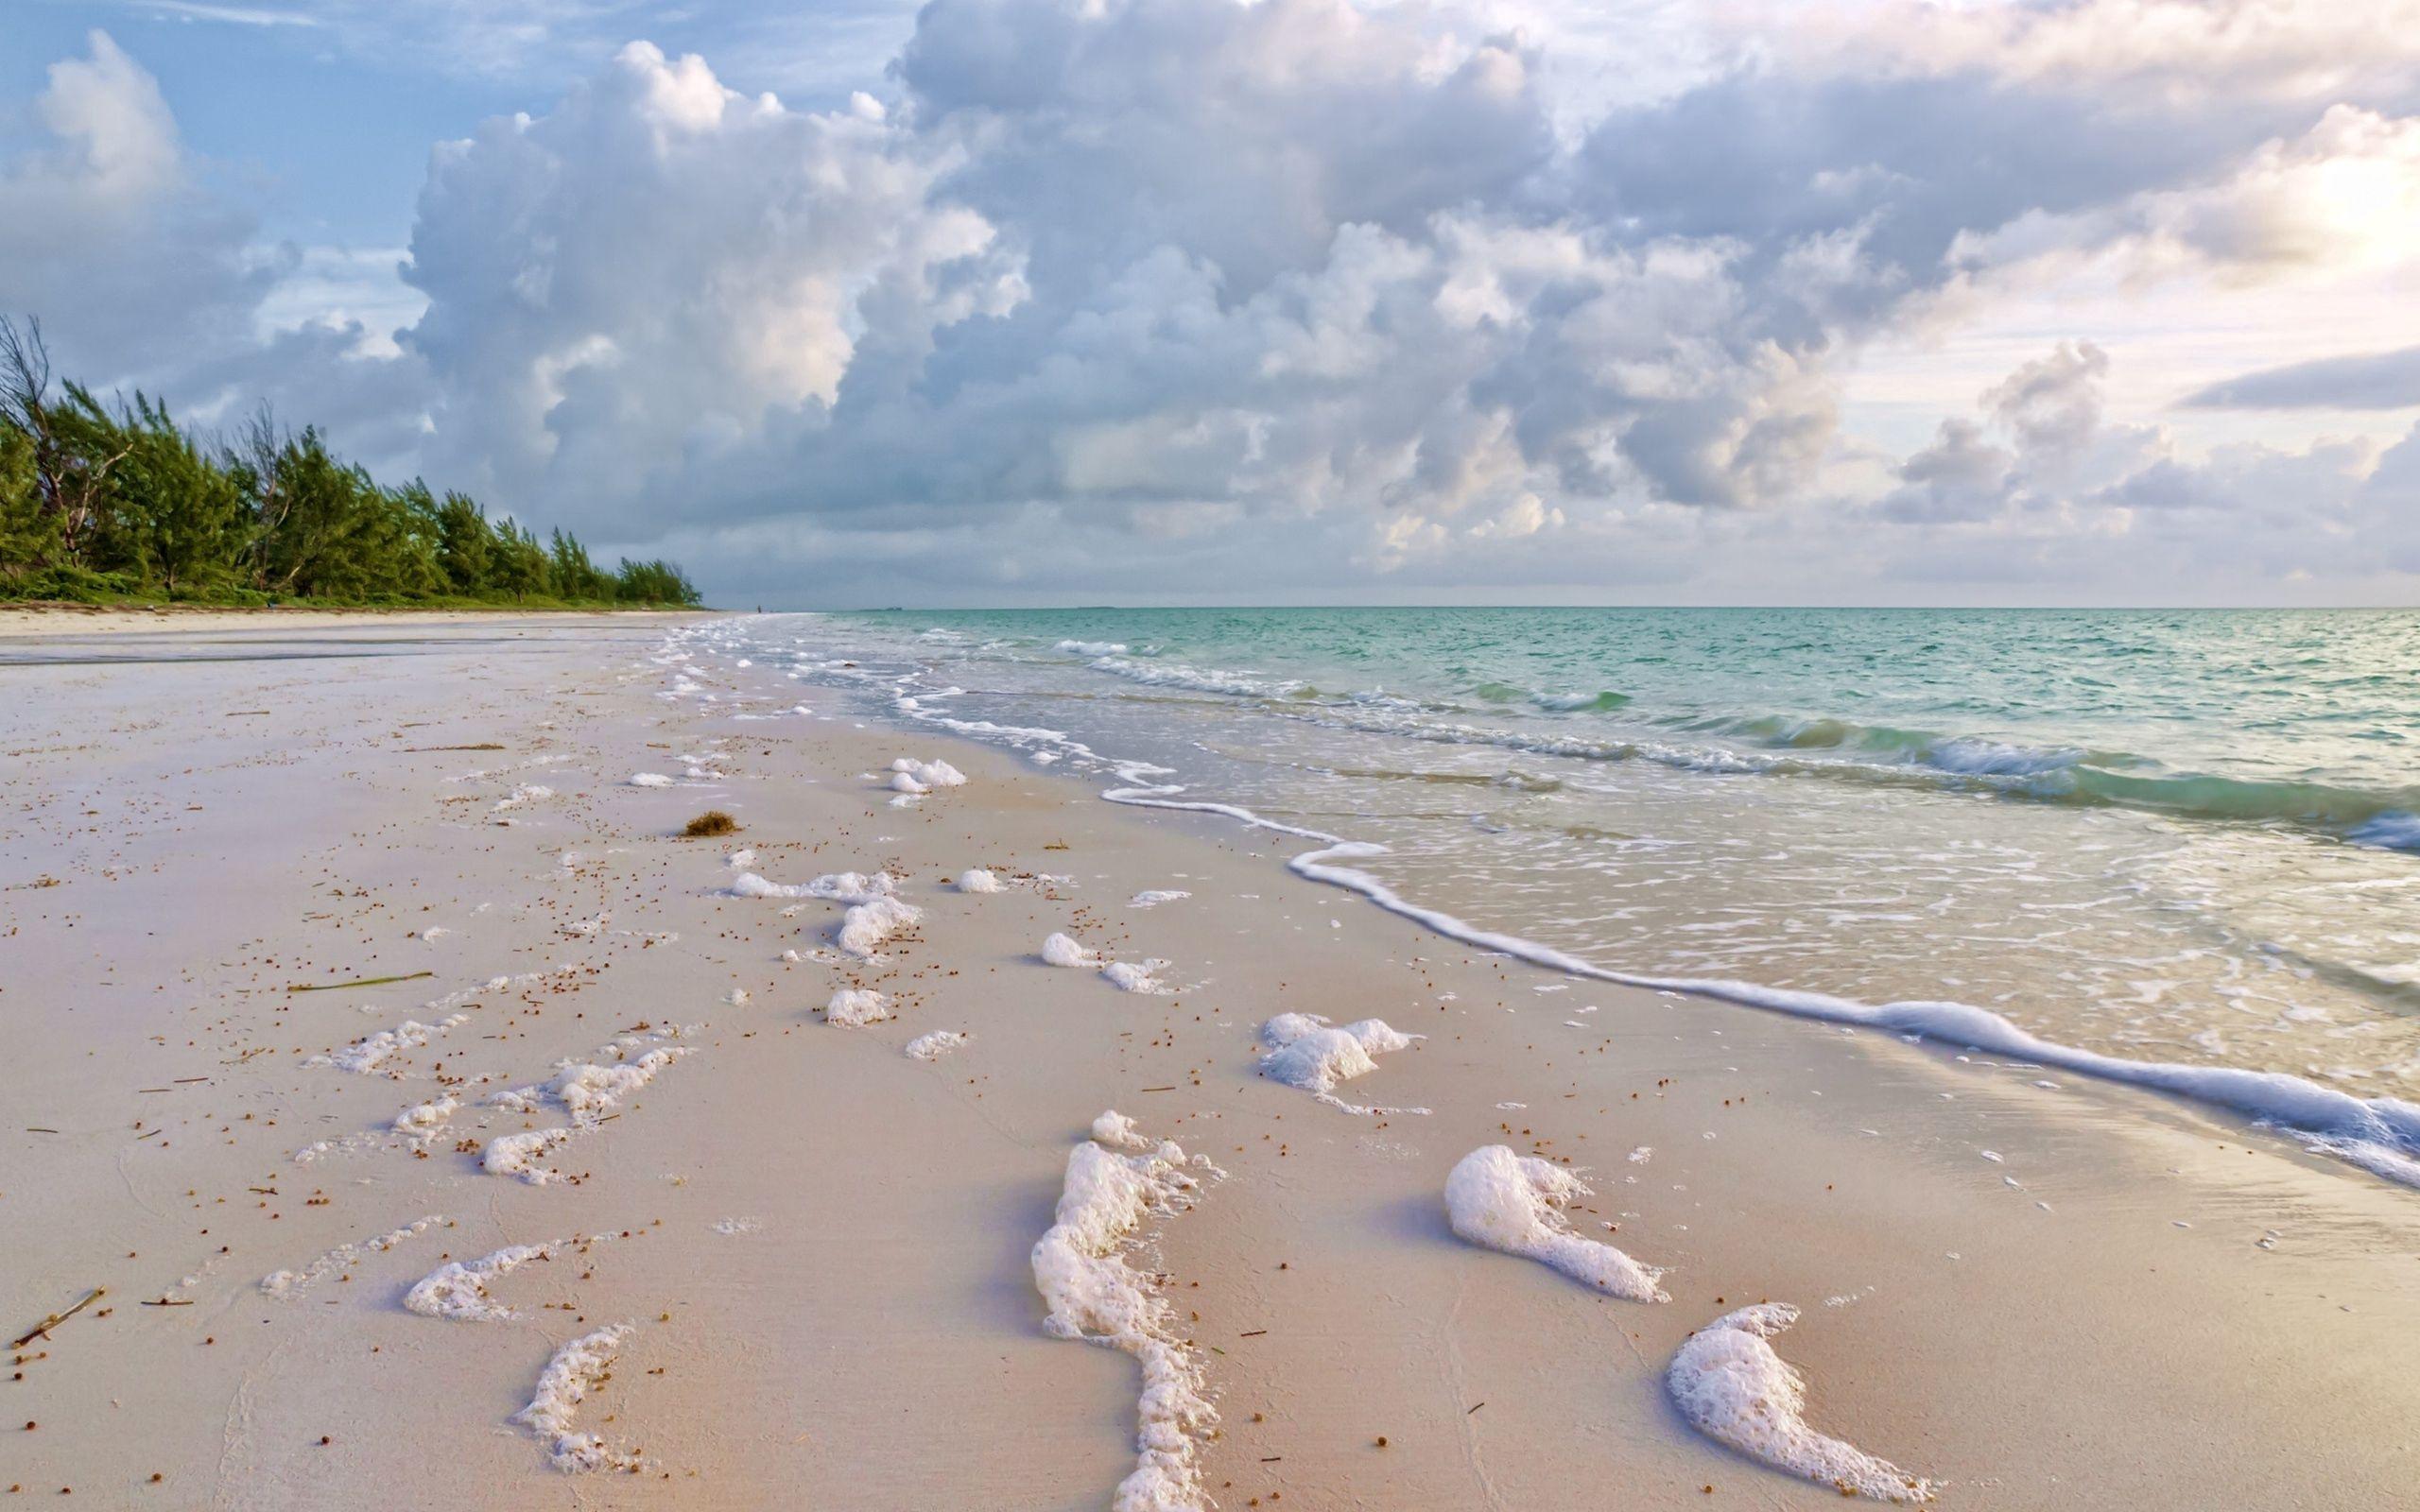 91221 Заставки и Обои Песок на телефон. Скачать Песок, Природа, Море, Побережье, Зелень, Пена, Прибой картинки бесплатно